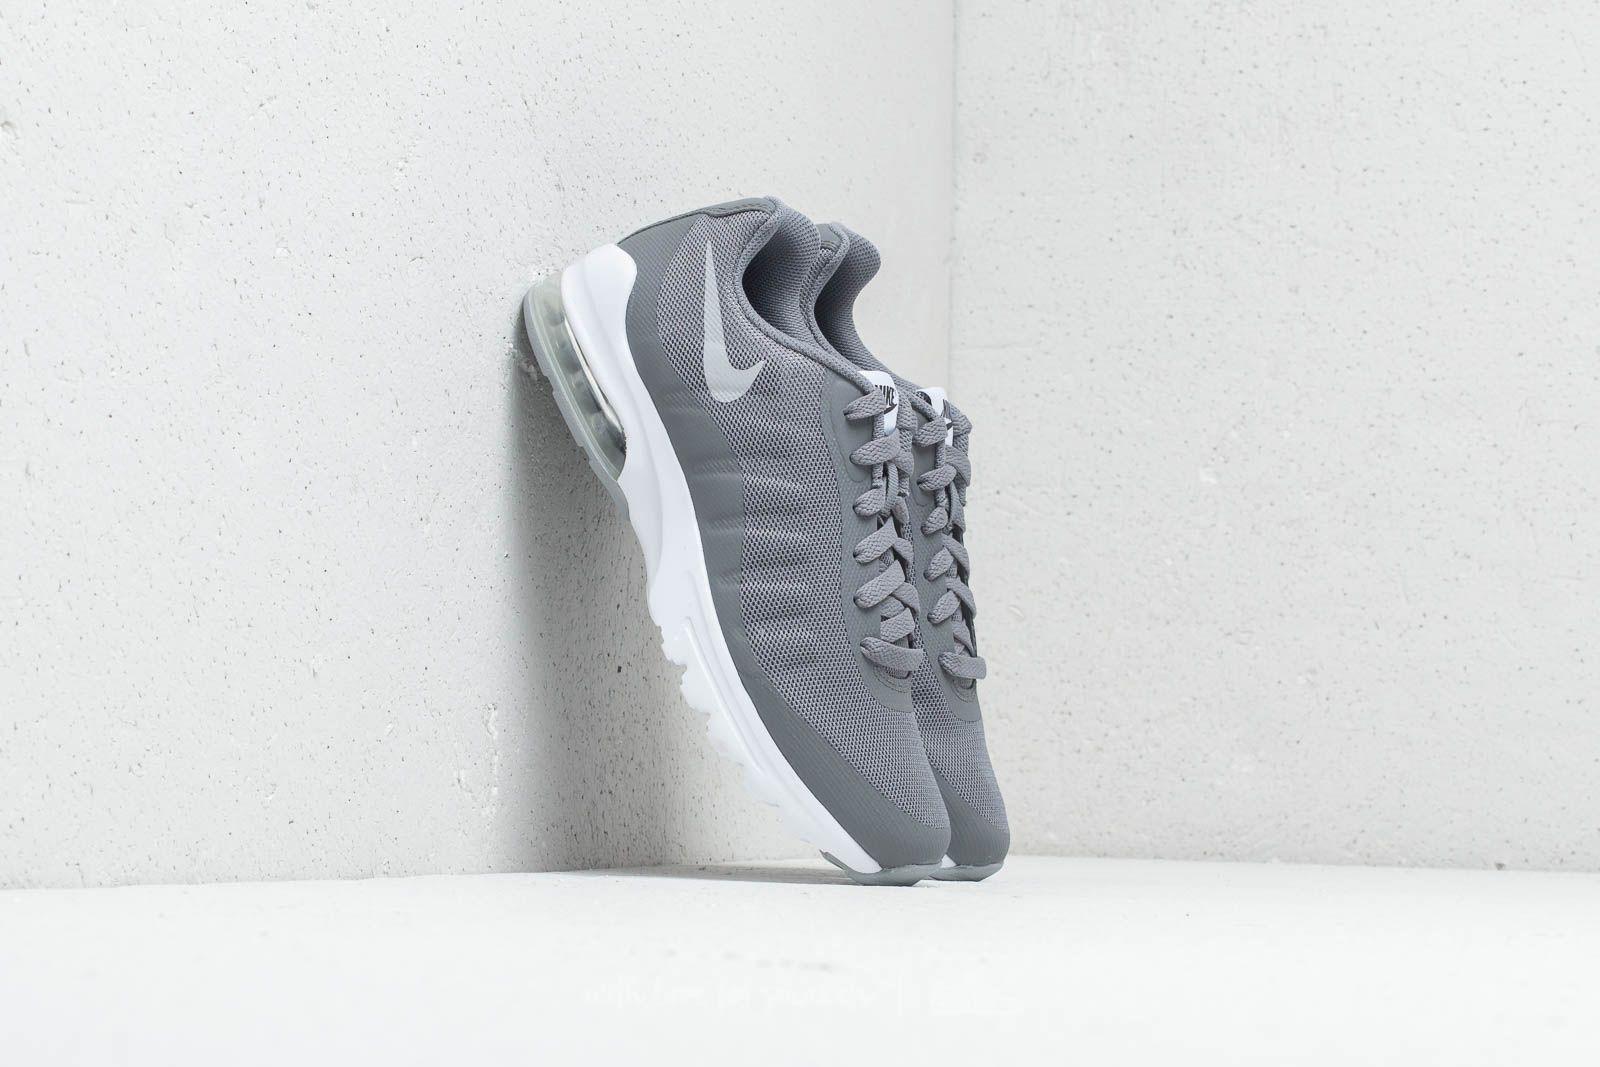 15af2b0c3fa1 Nike Air Max Invigor (GS) Cool Grey/ Wolf Grey-Anthracite   Footshop